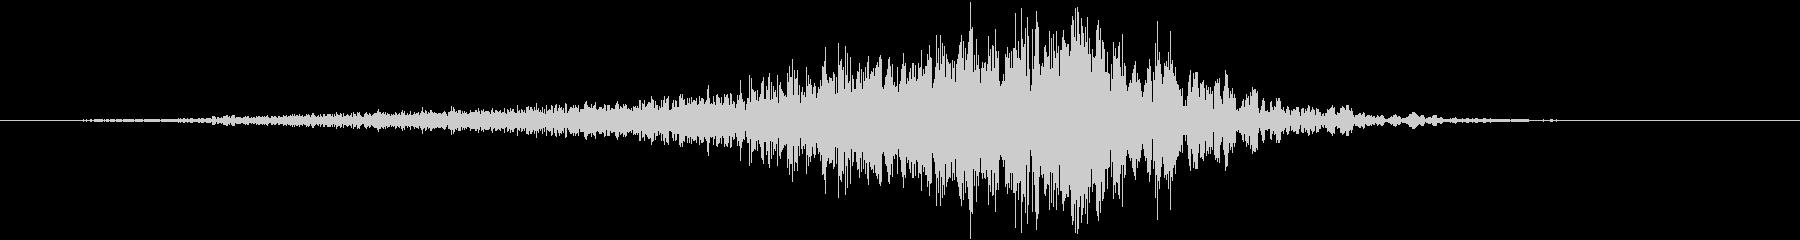 【シネマティック】WHOOSH_05の未再生の波形